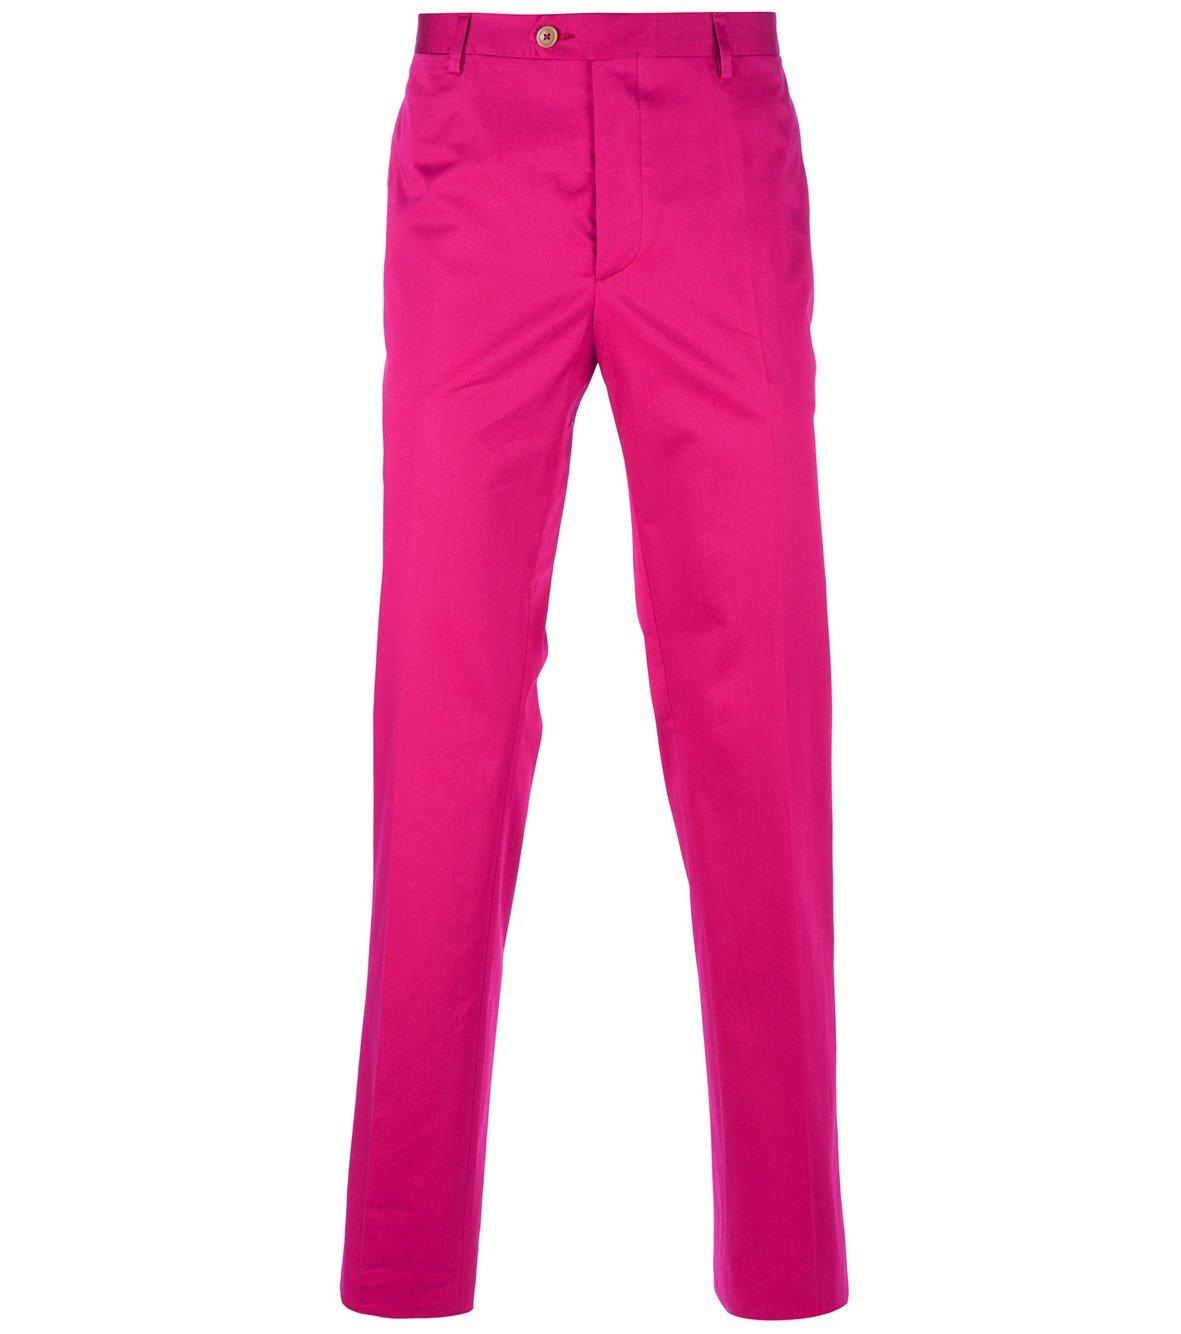 Pantalon : comment trouver celui qui va à votre morphologie ?